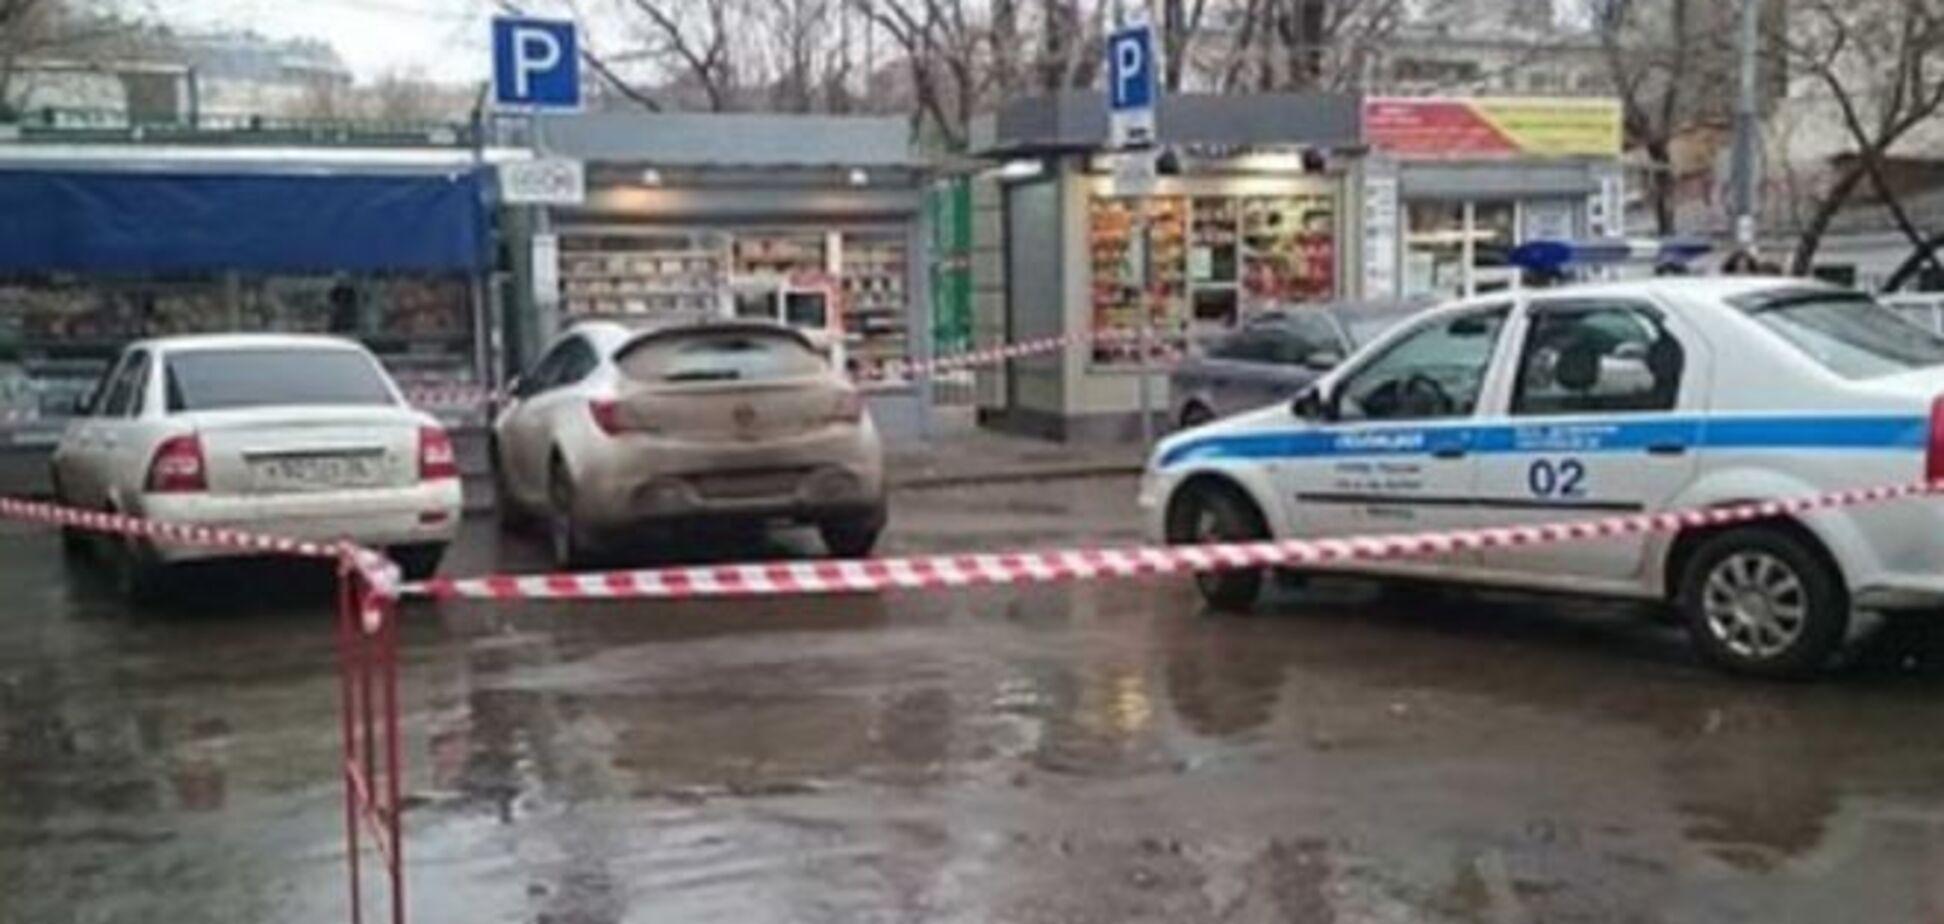 LifeNews опять соврали. В Москве опровергли информацию о найденном автомобиле убийц Немцова